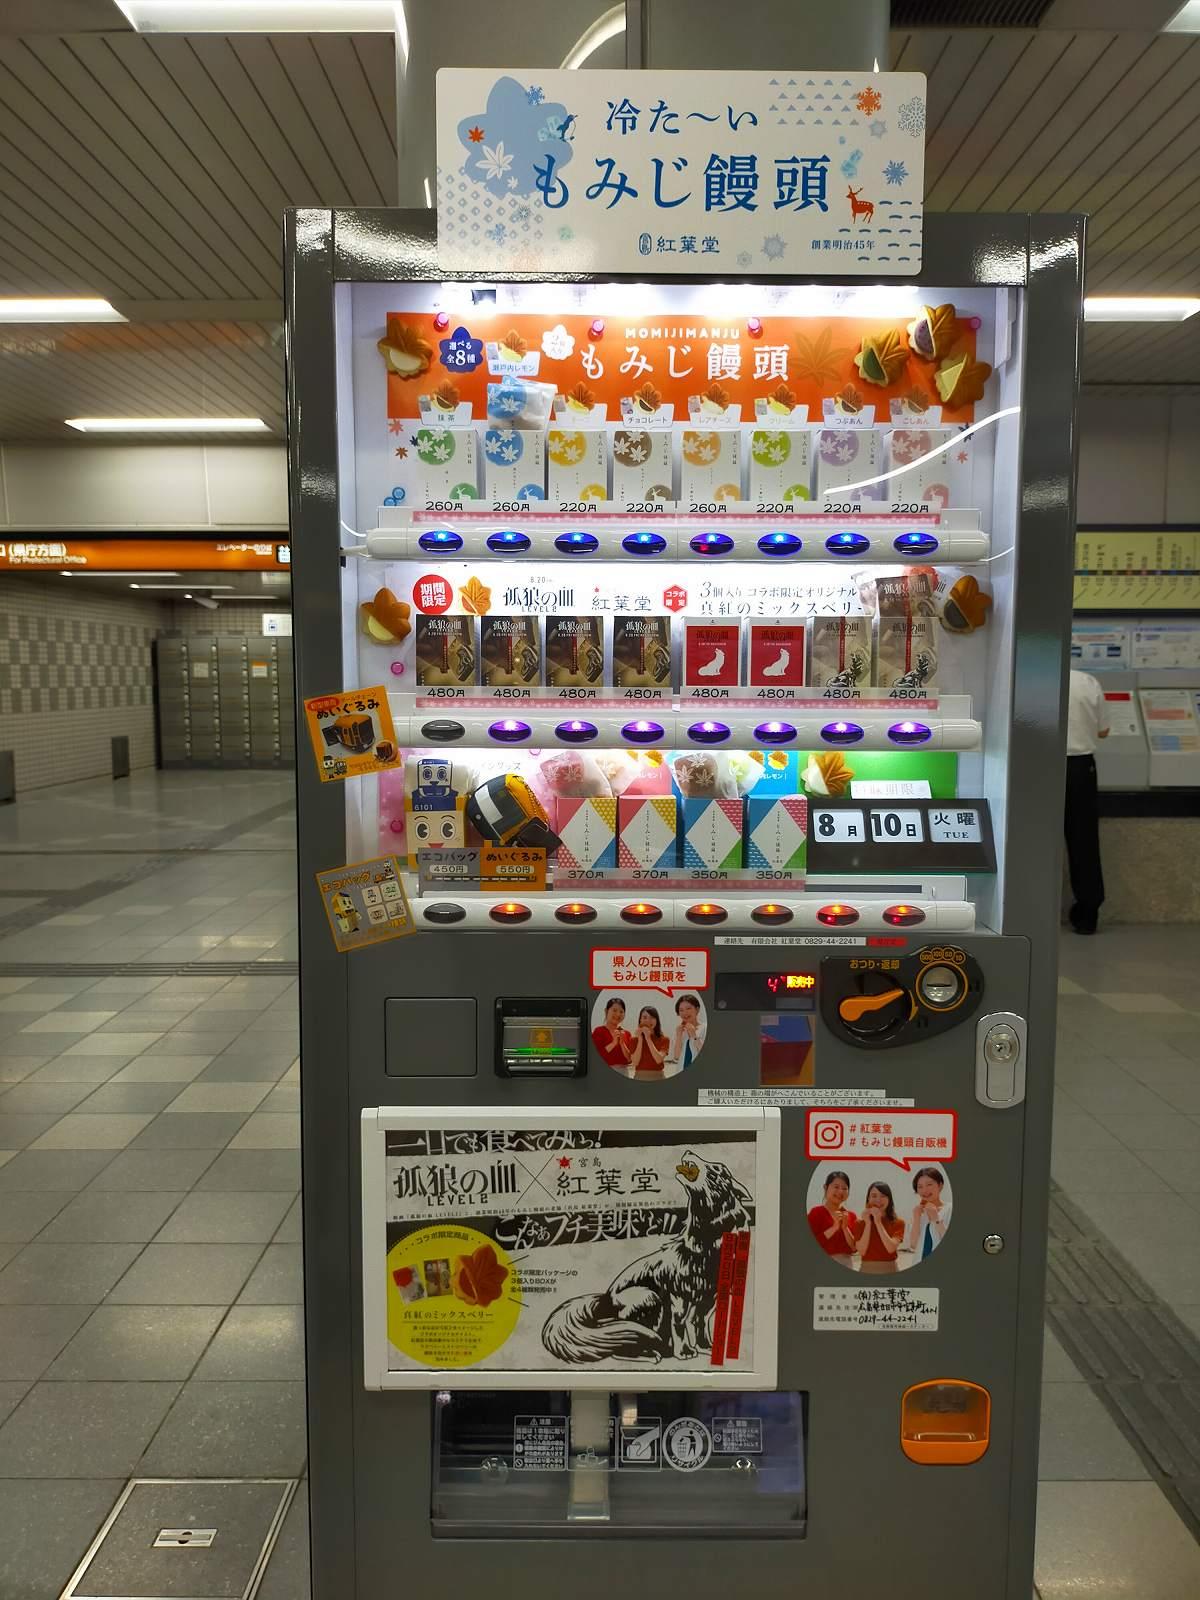 もみじ饅頭自動販売機。